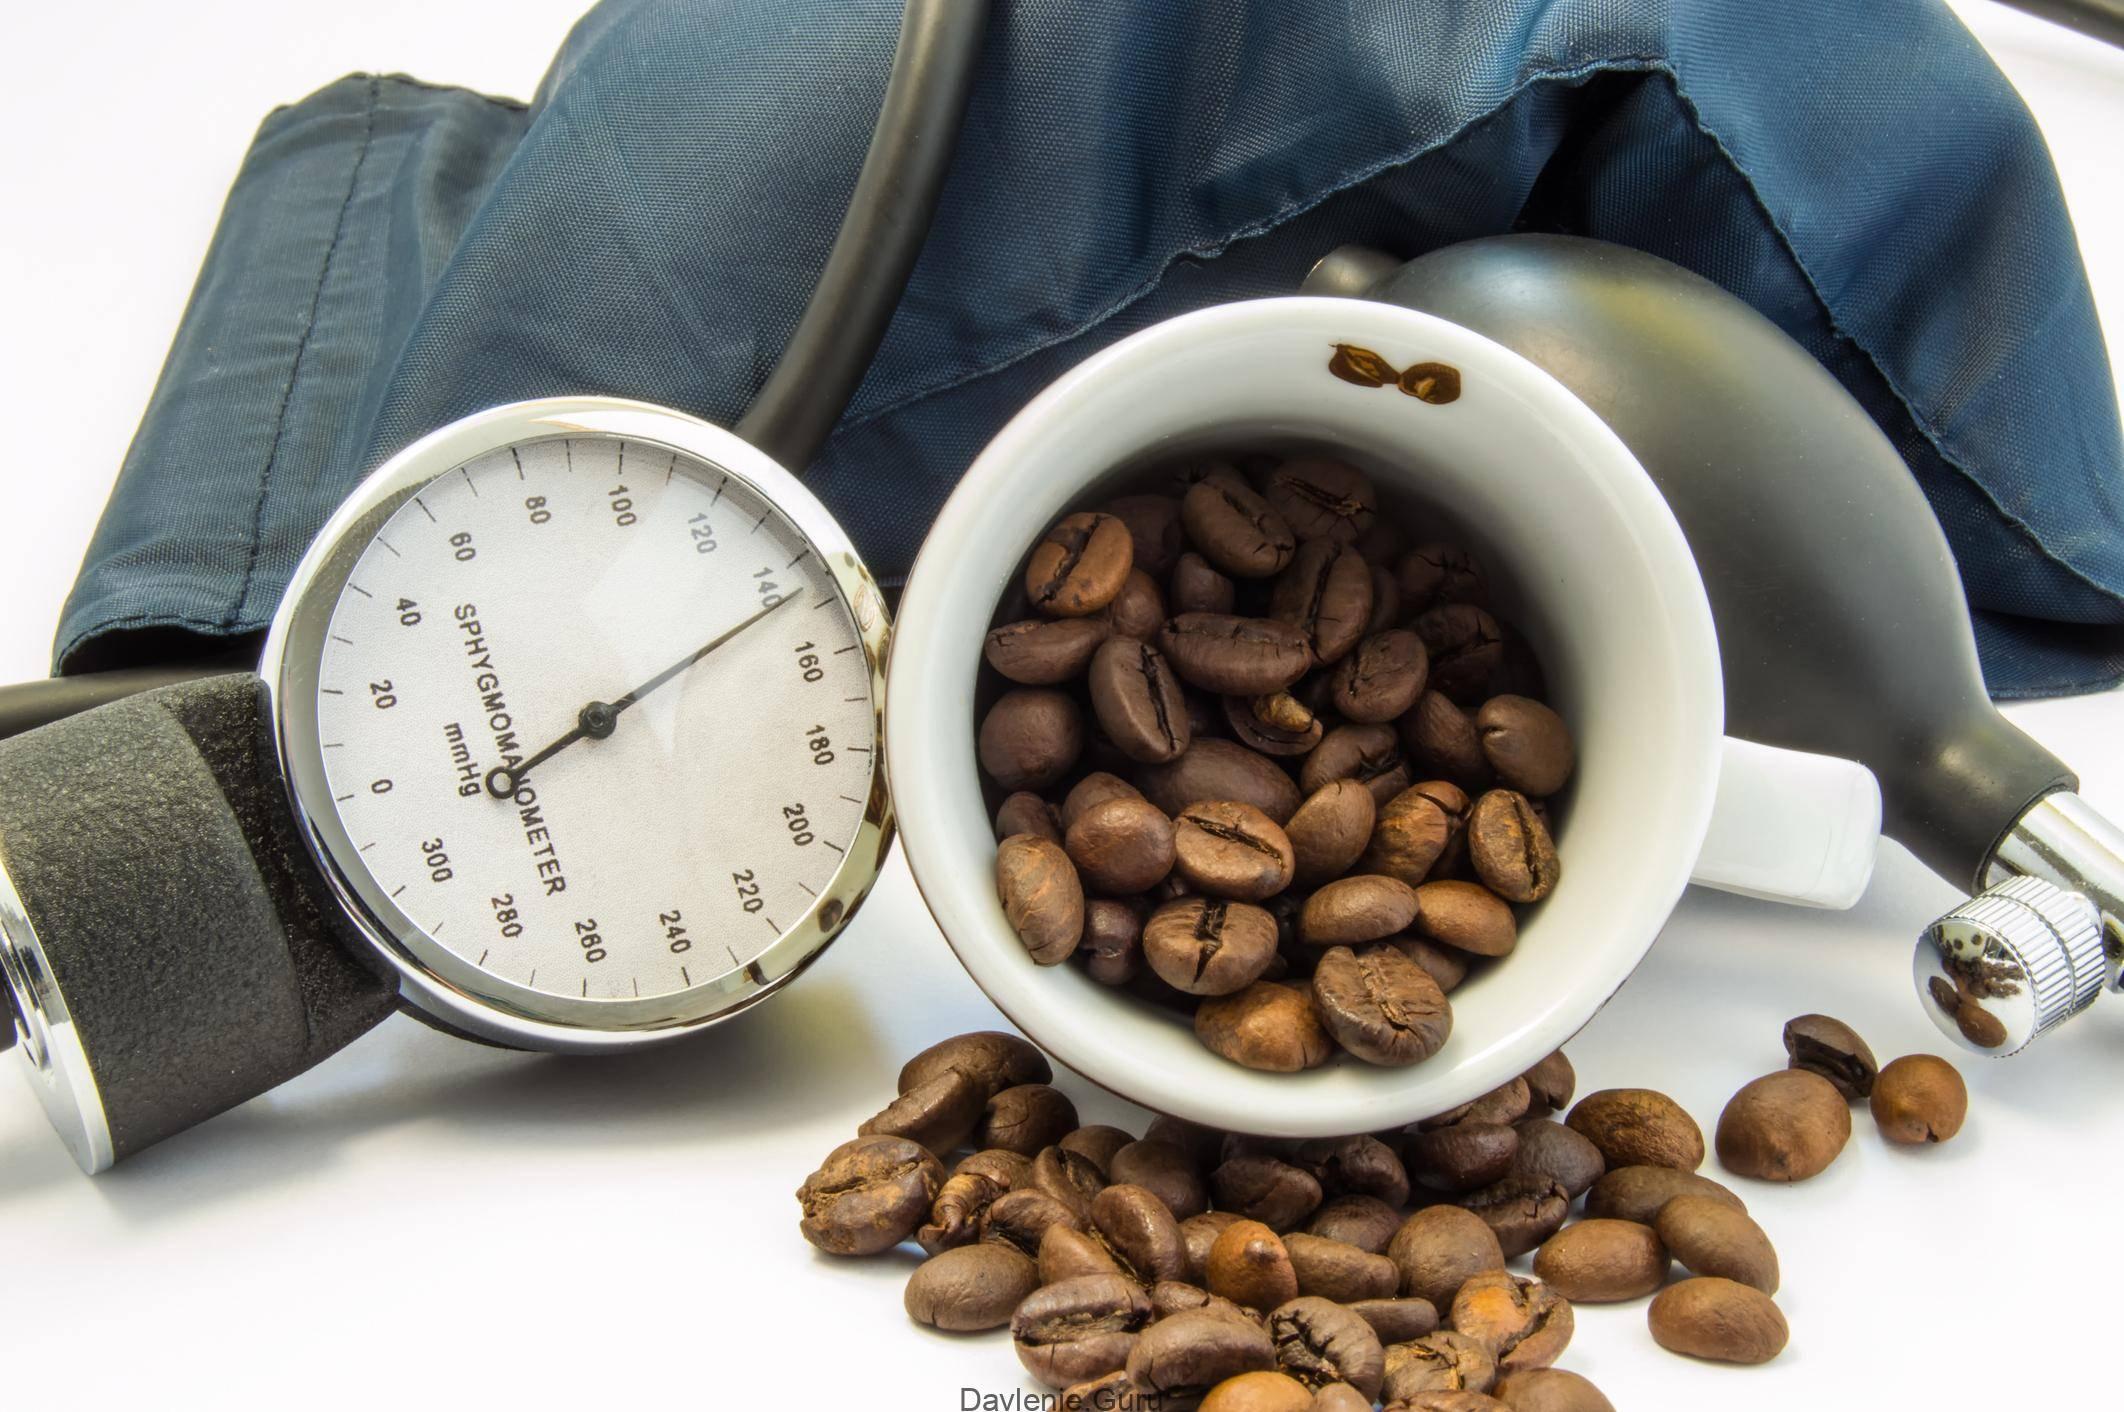 Кофе при депрессии и стрессе — научные факты о том, почему напиток вызывает повышение настроения и может ли он приводить к обострению состояния?